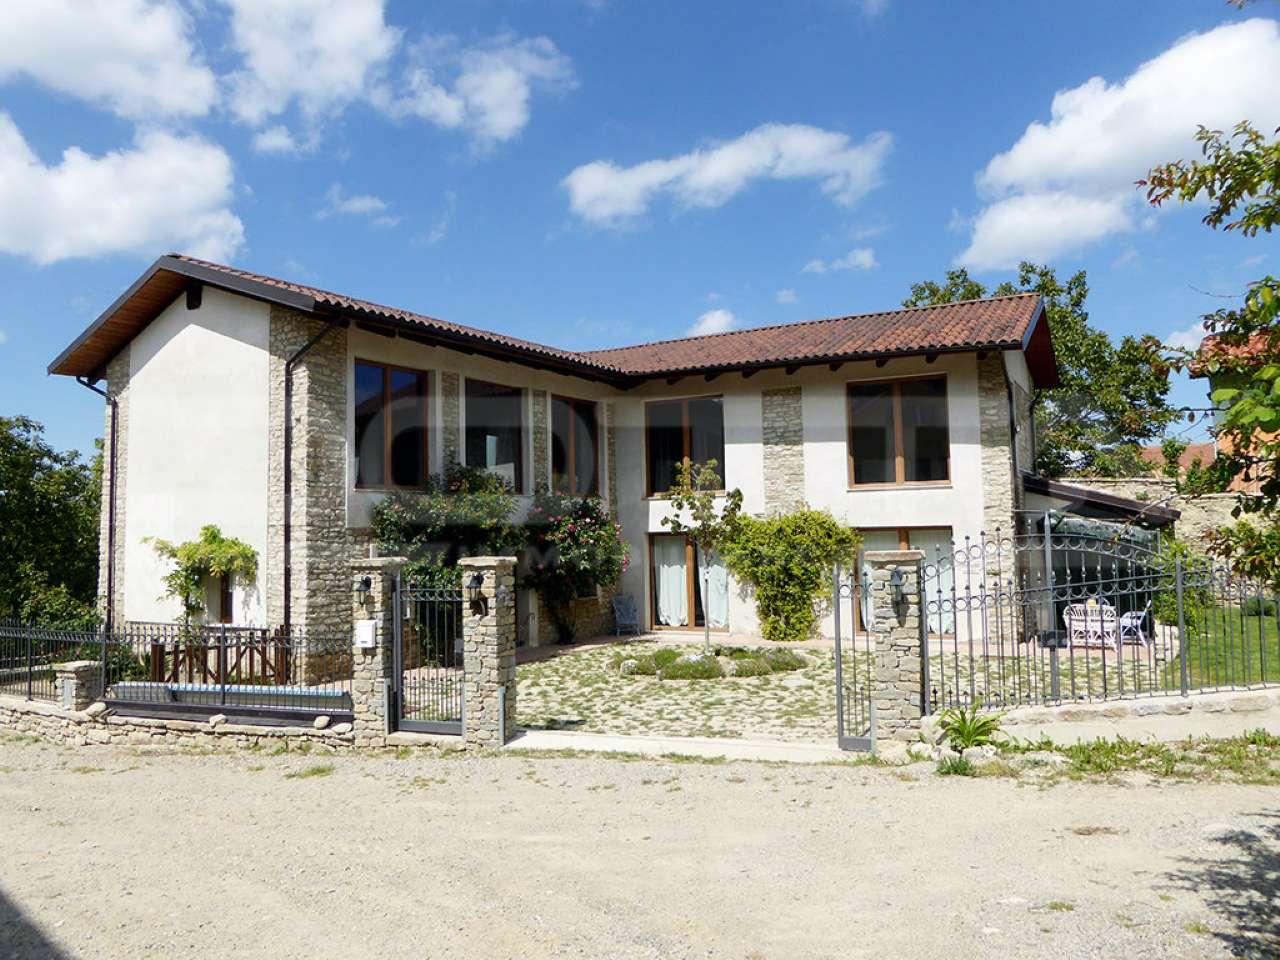 Soluzione Indipendente in vendita a Serravalle Langhe, 4 locali, prezzo € 275.000   PortaleAgenzieImmobiliari.it